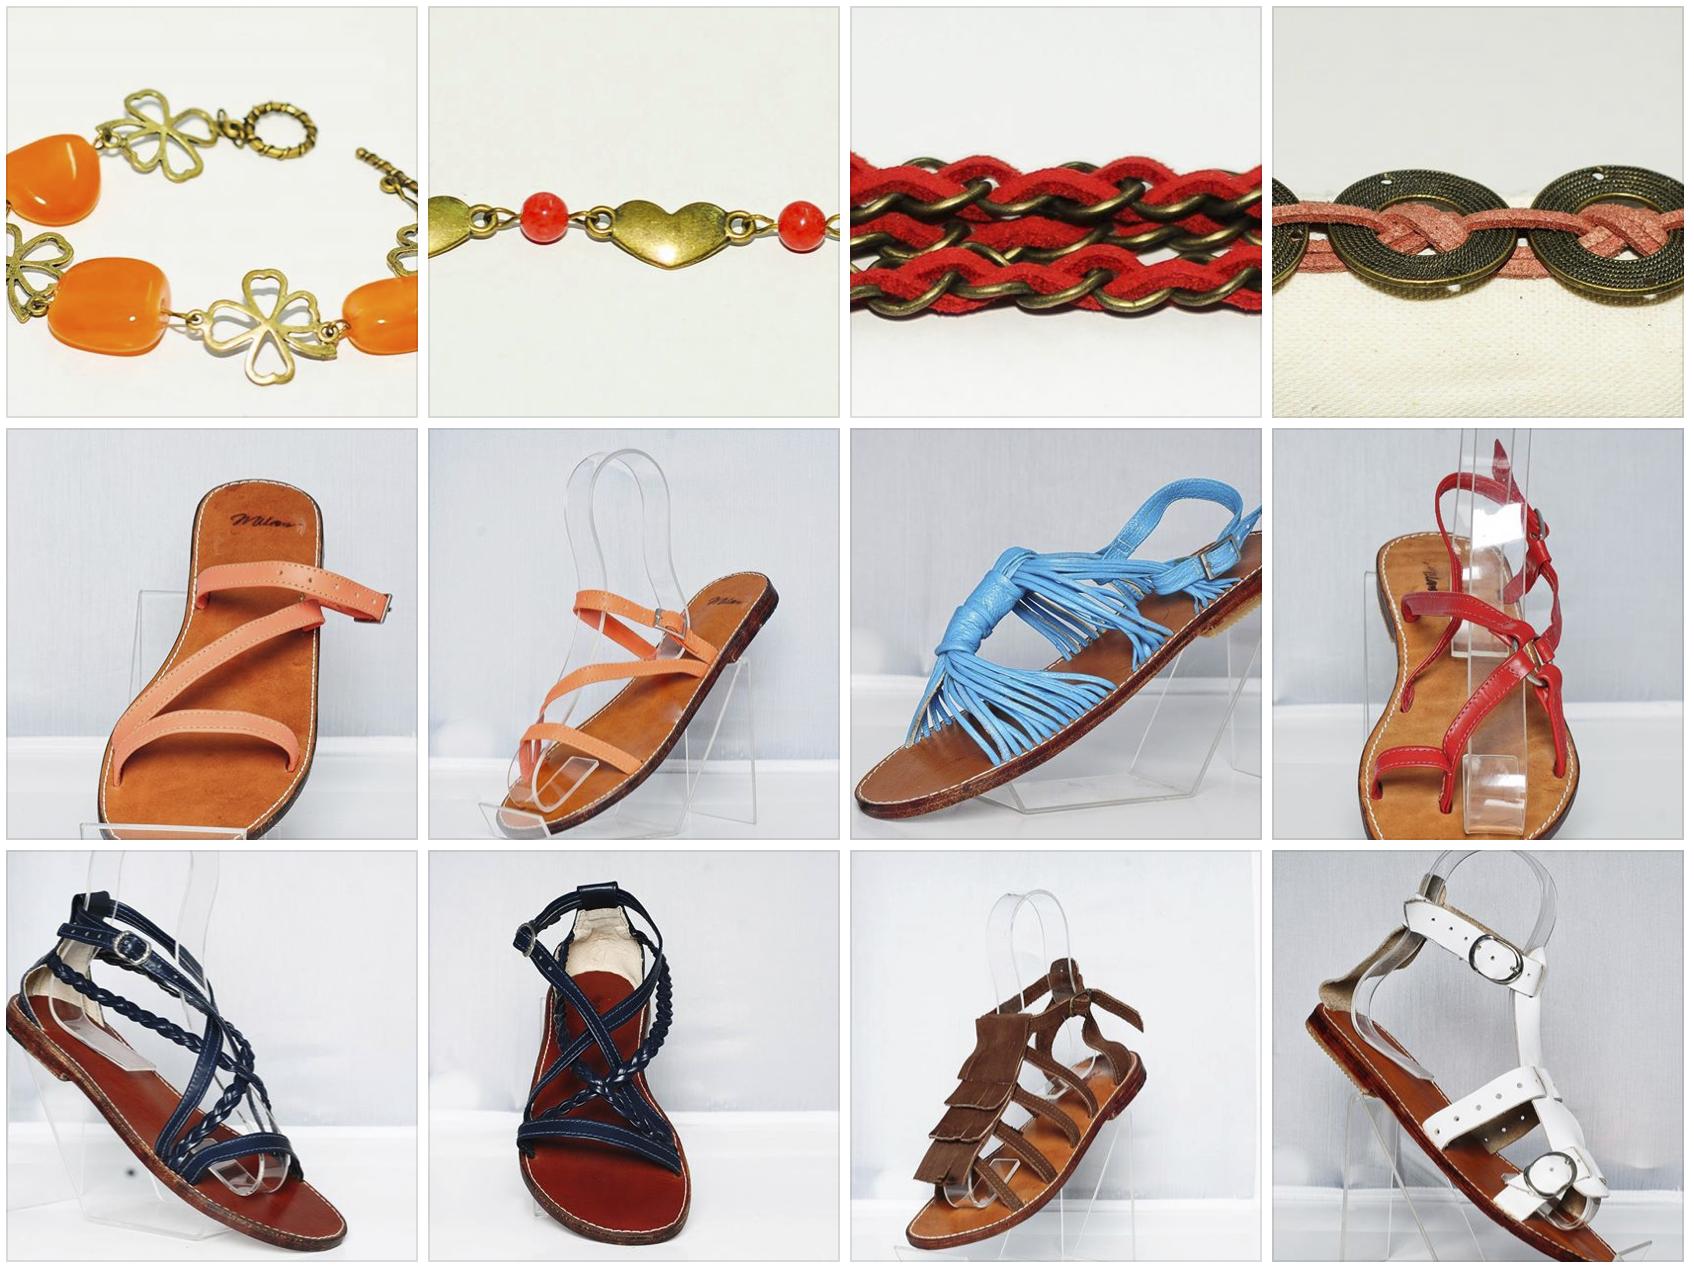 Sandalias de cuero y accesorios milam costa rica for Accesorios para piscinas costa rica